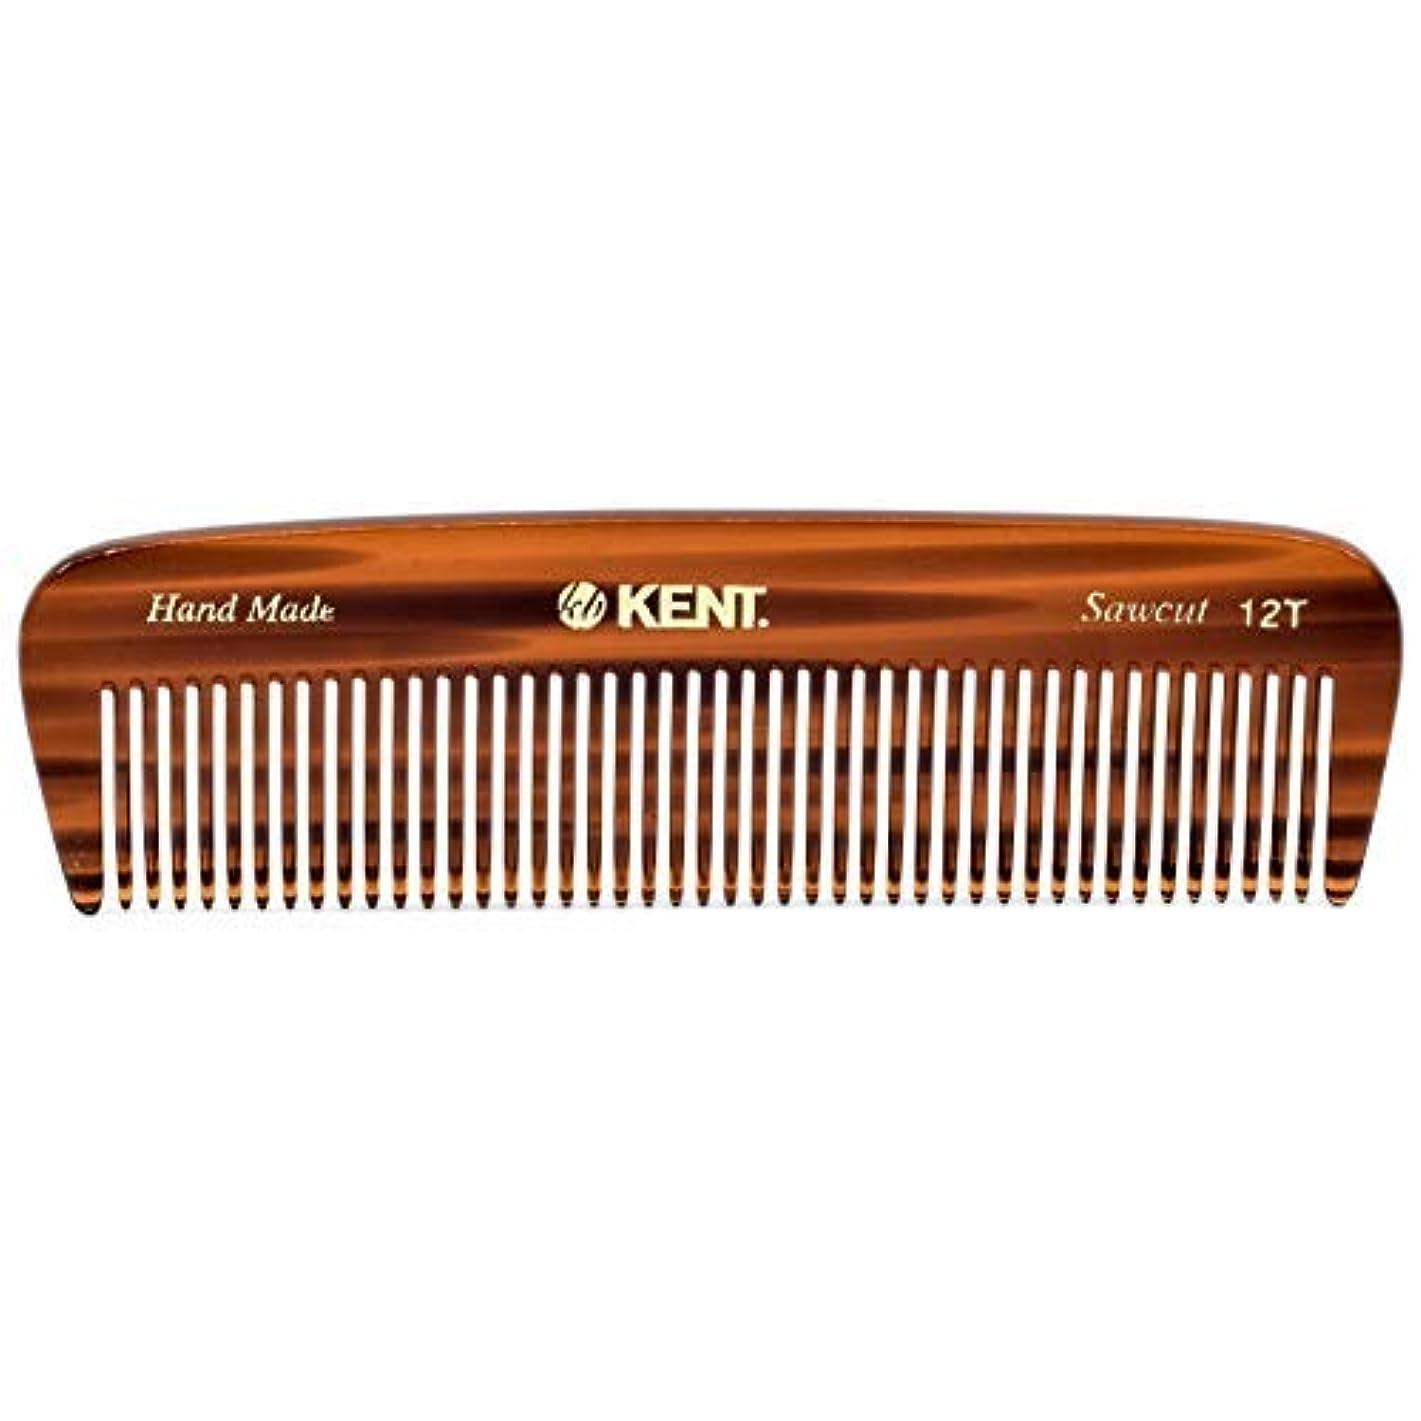 五月一般的に文字Kent 12T Handmade Medium Size Teeth for Thick/Coarse Hair Comb for Men/Women - For Grooming, Styling, and Detangling...